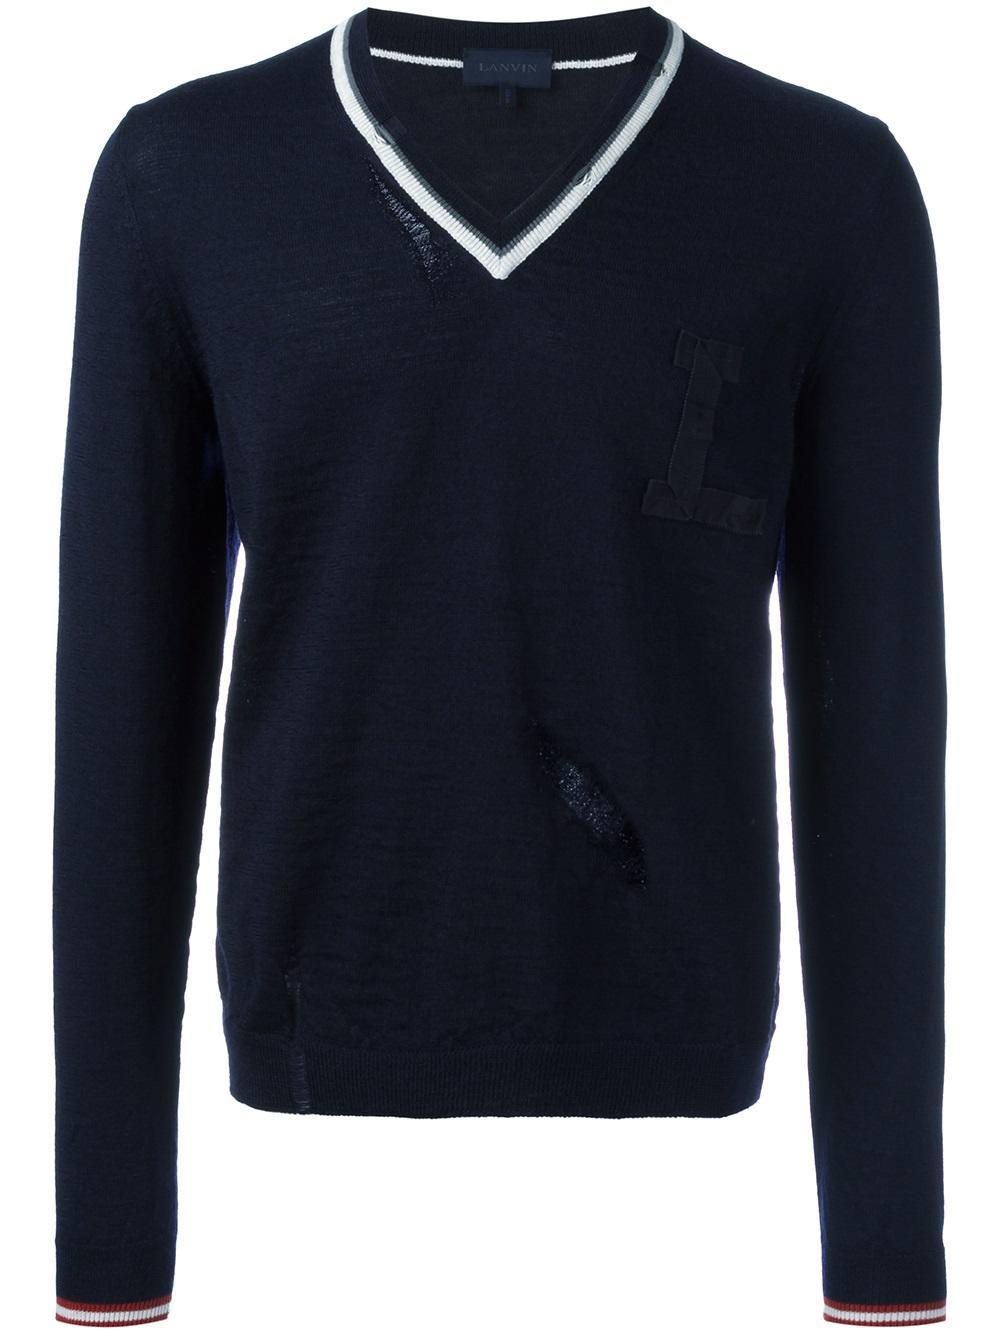 每日穿搭|秋雨落后该穿轻薄V领毛衫了